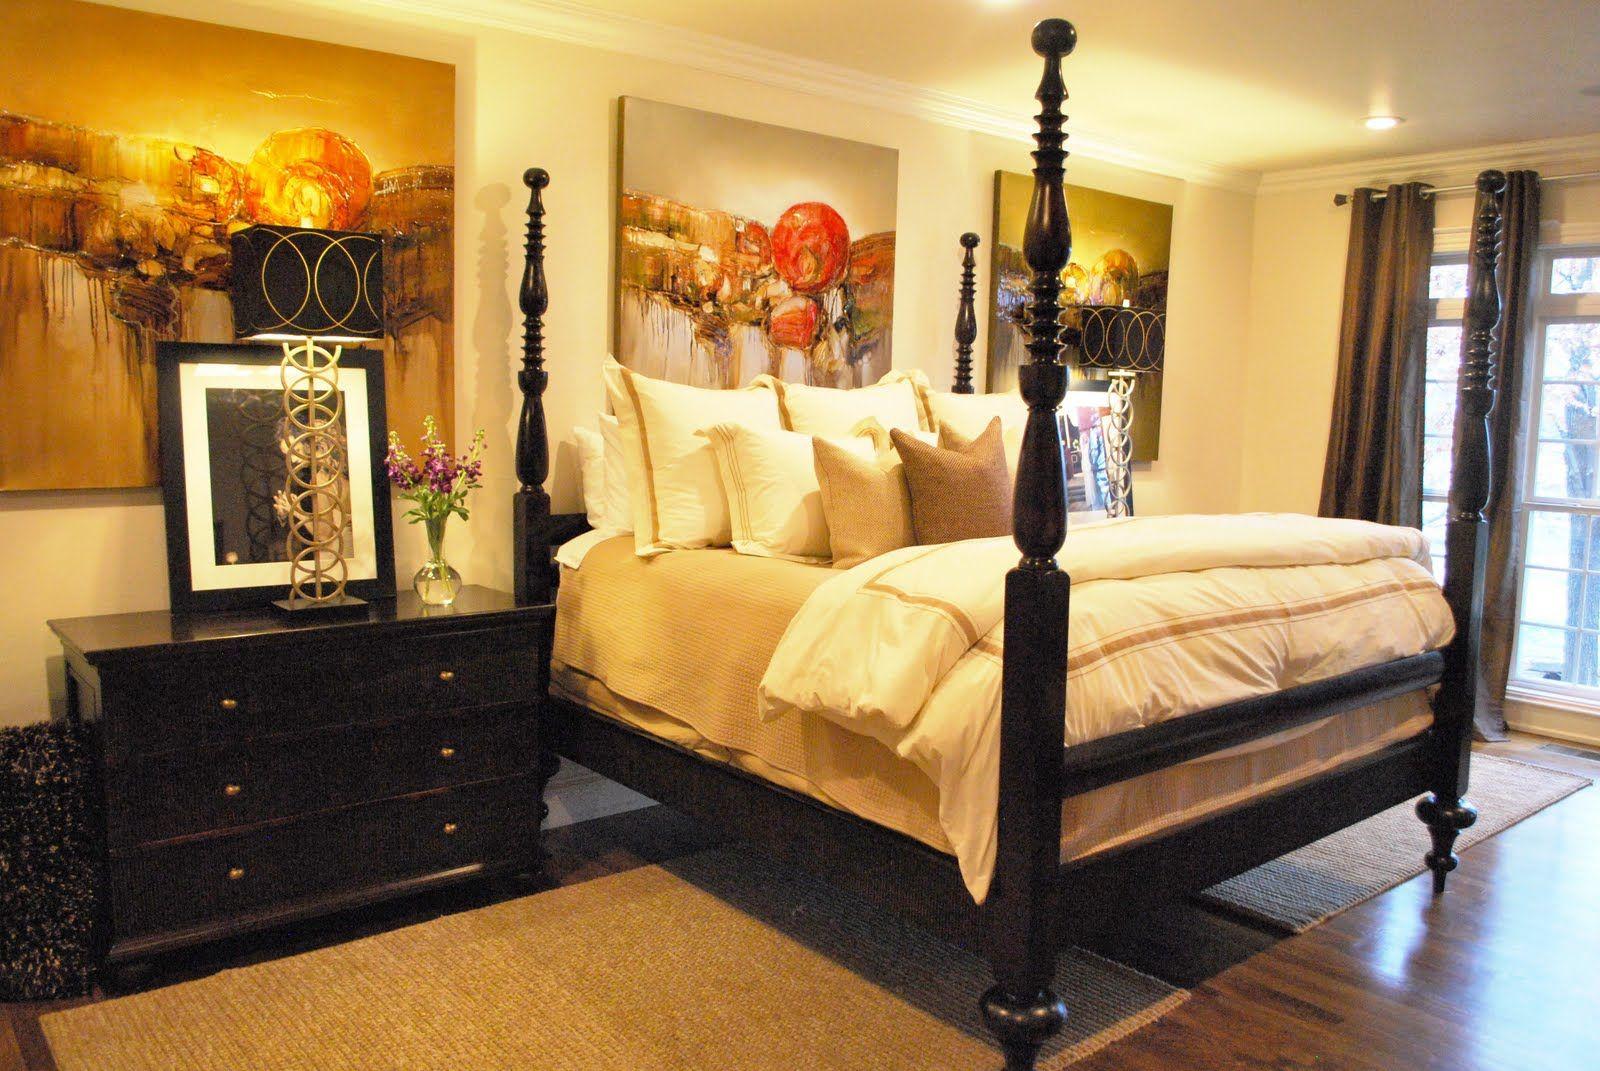 Best 25 Mezzanine Bed Ideas On Pinterest: Best 25+ Tall Bed Ideas On Pinterest